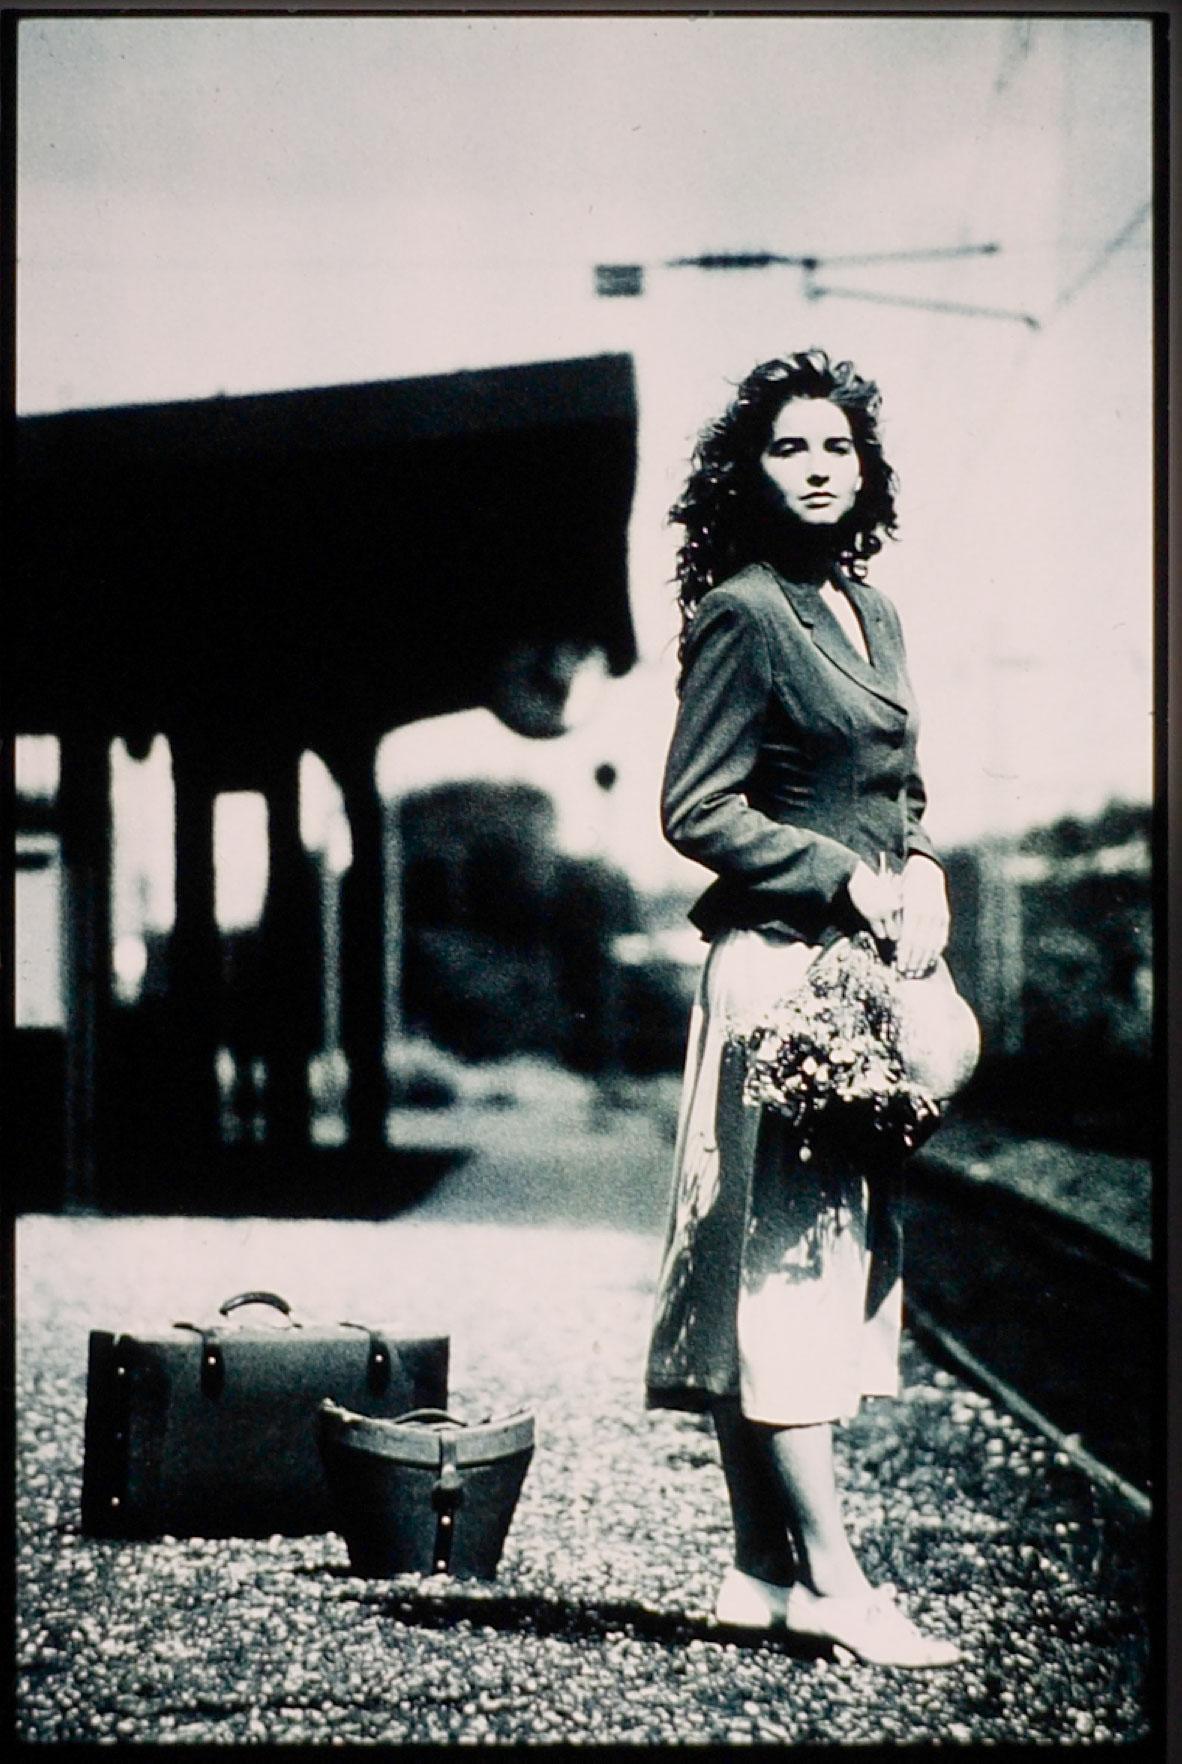 Eine junge Frau steht an einem Bahnhof. Sie trägt einen schwarzen Blazer und einen weißen Rock. Im hintergrund sieht man 2 Taschen. Das Foto ist analog aufgenommen und Schwarzweiss vergrößert. Fotograf: Jörg Saibou, Köln Ehrenfeld.